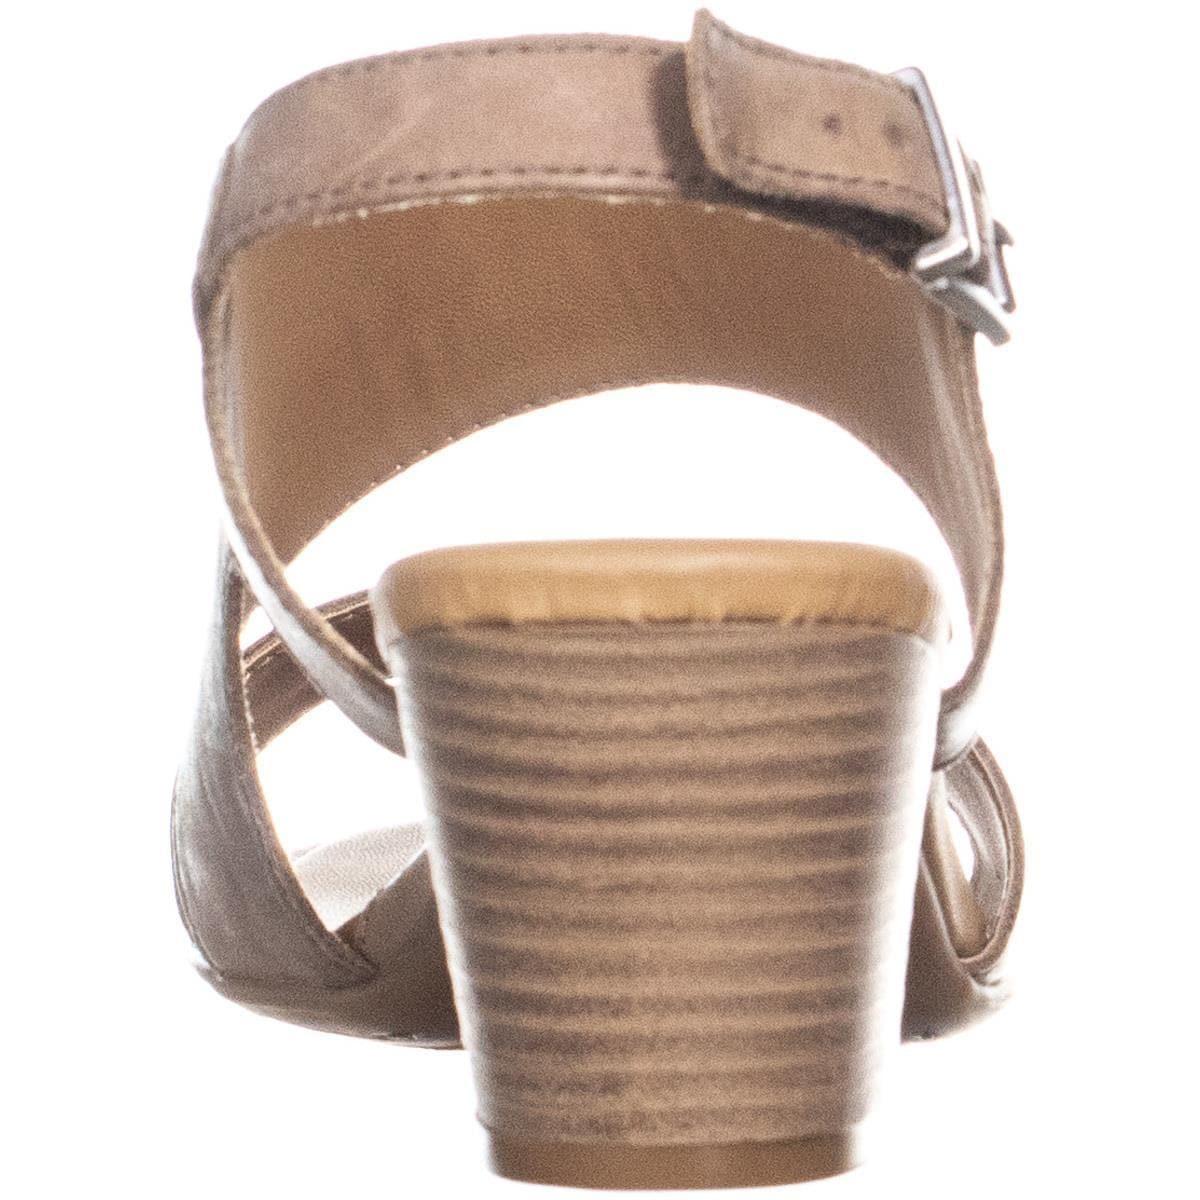 5a11438e7c39 Shop B.O.C Born Angulo Slingback Heeled Sandals